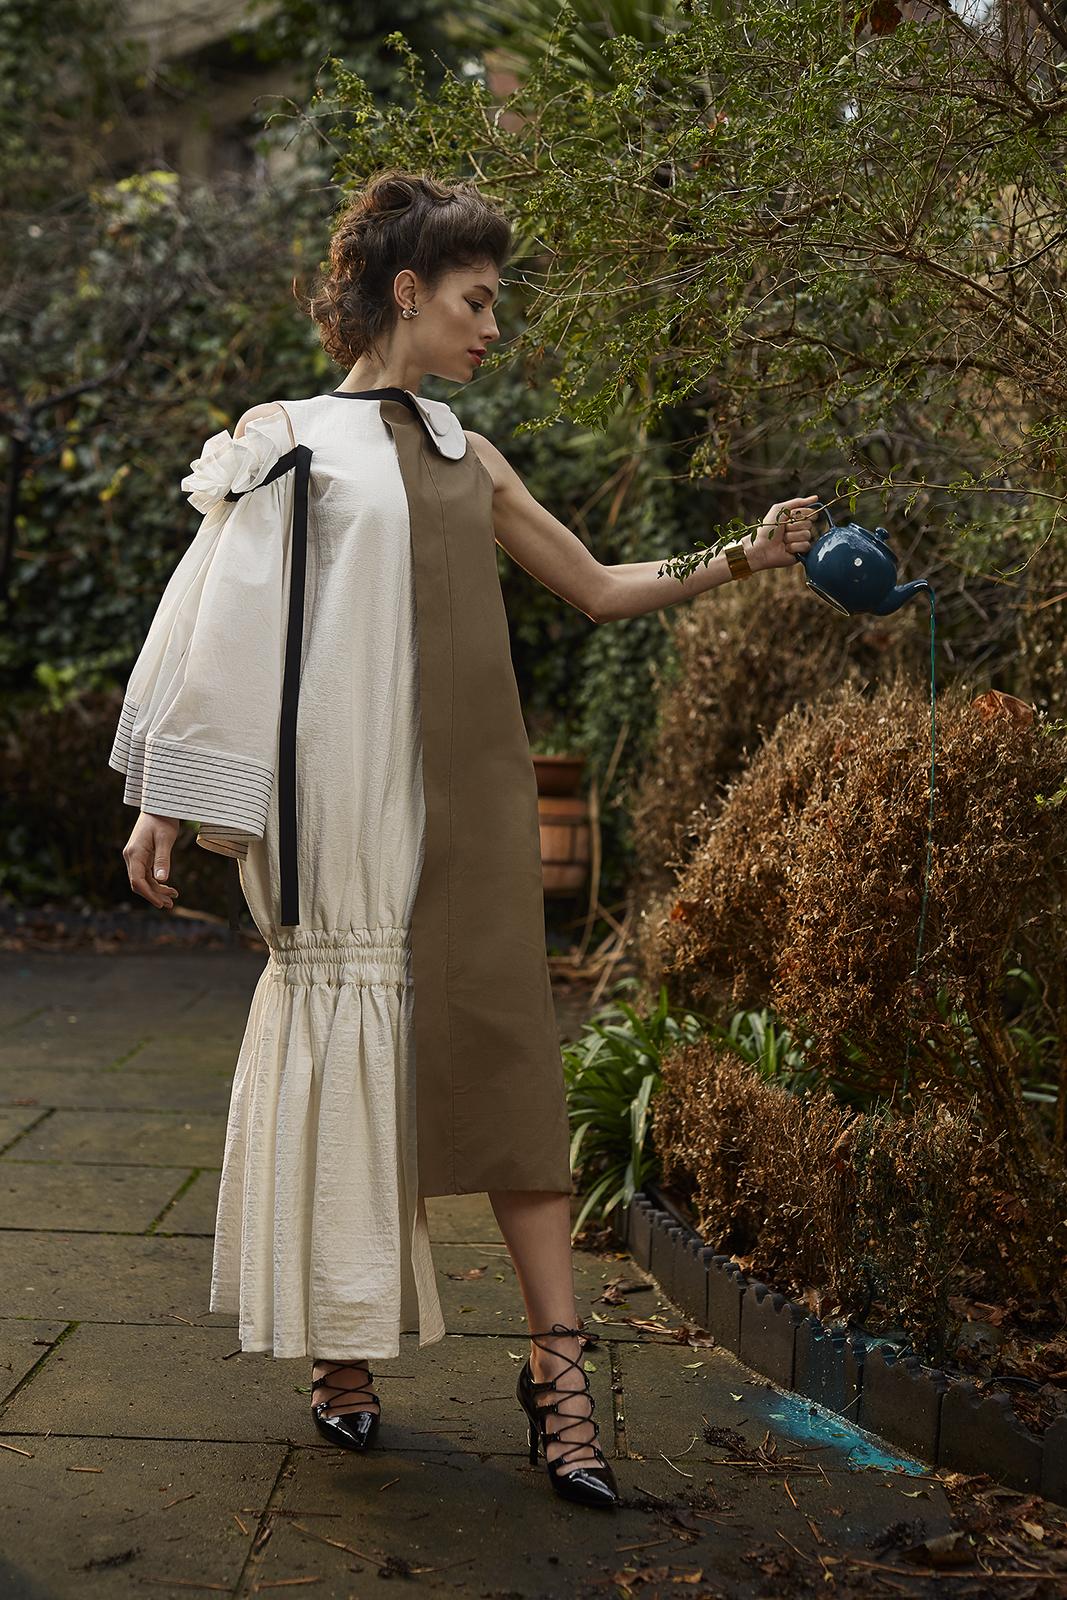 Dress by Ashley Isham  Earrings & bracelet by MAYU  Black tie heels by Malan Breton